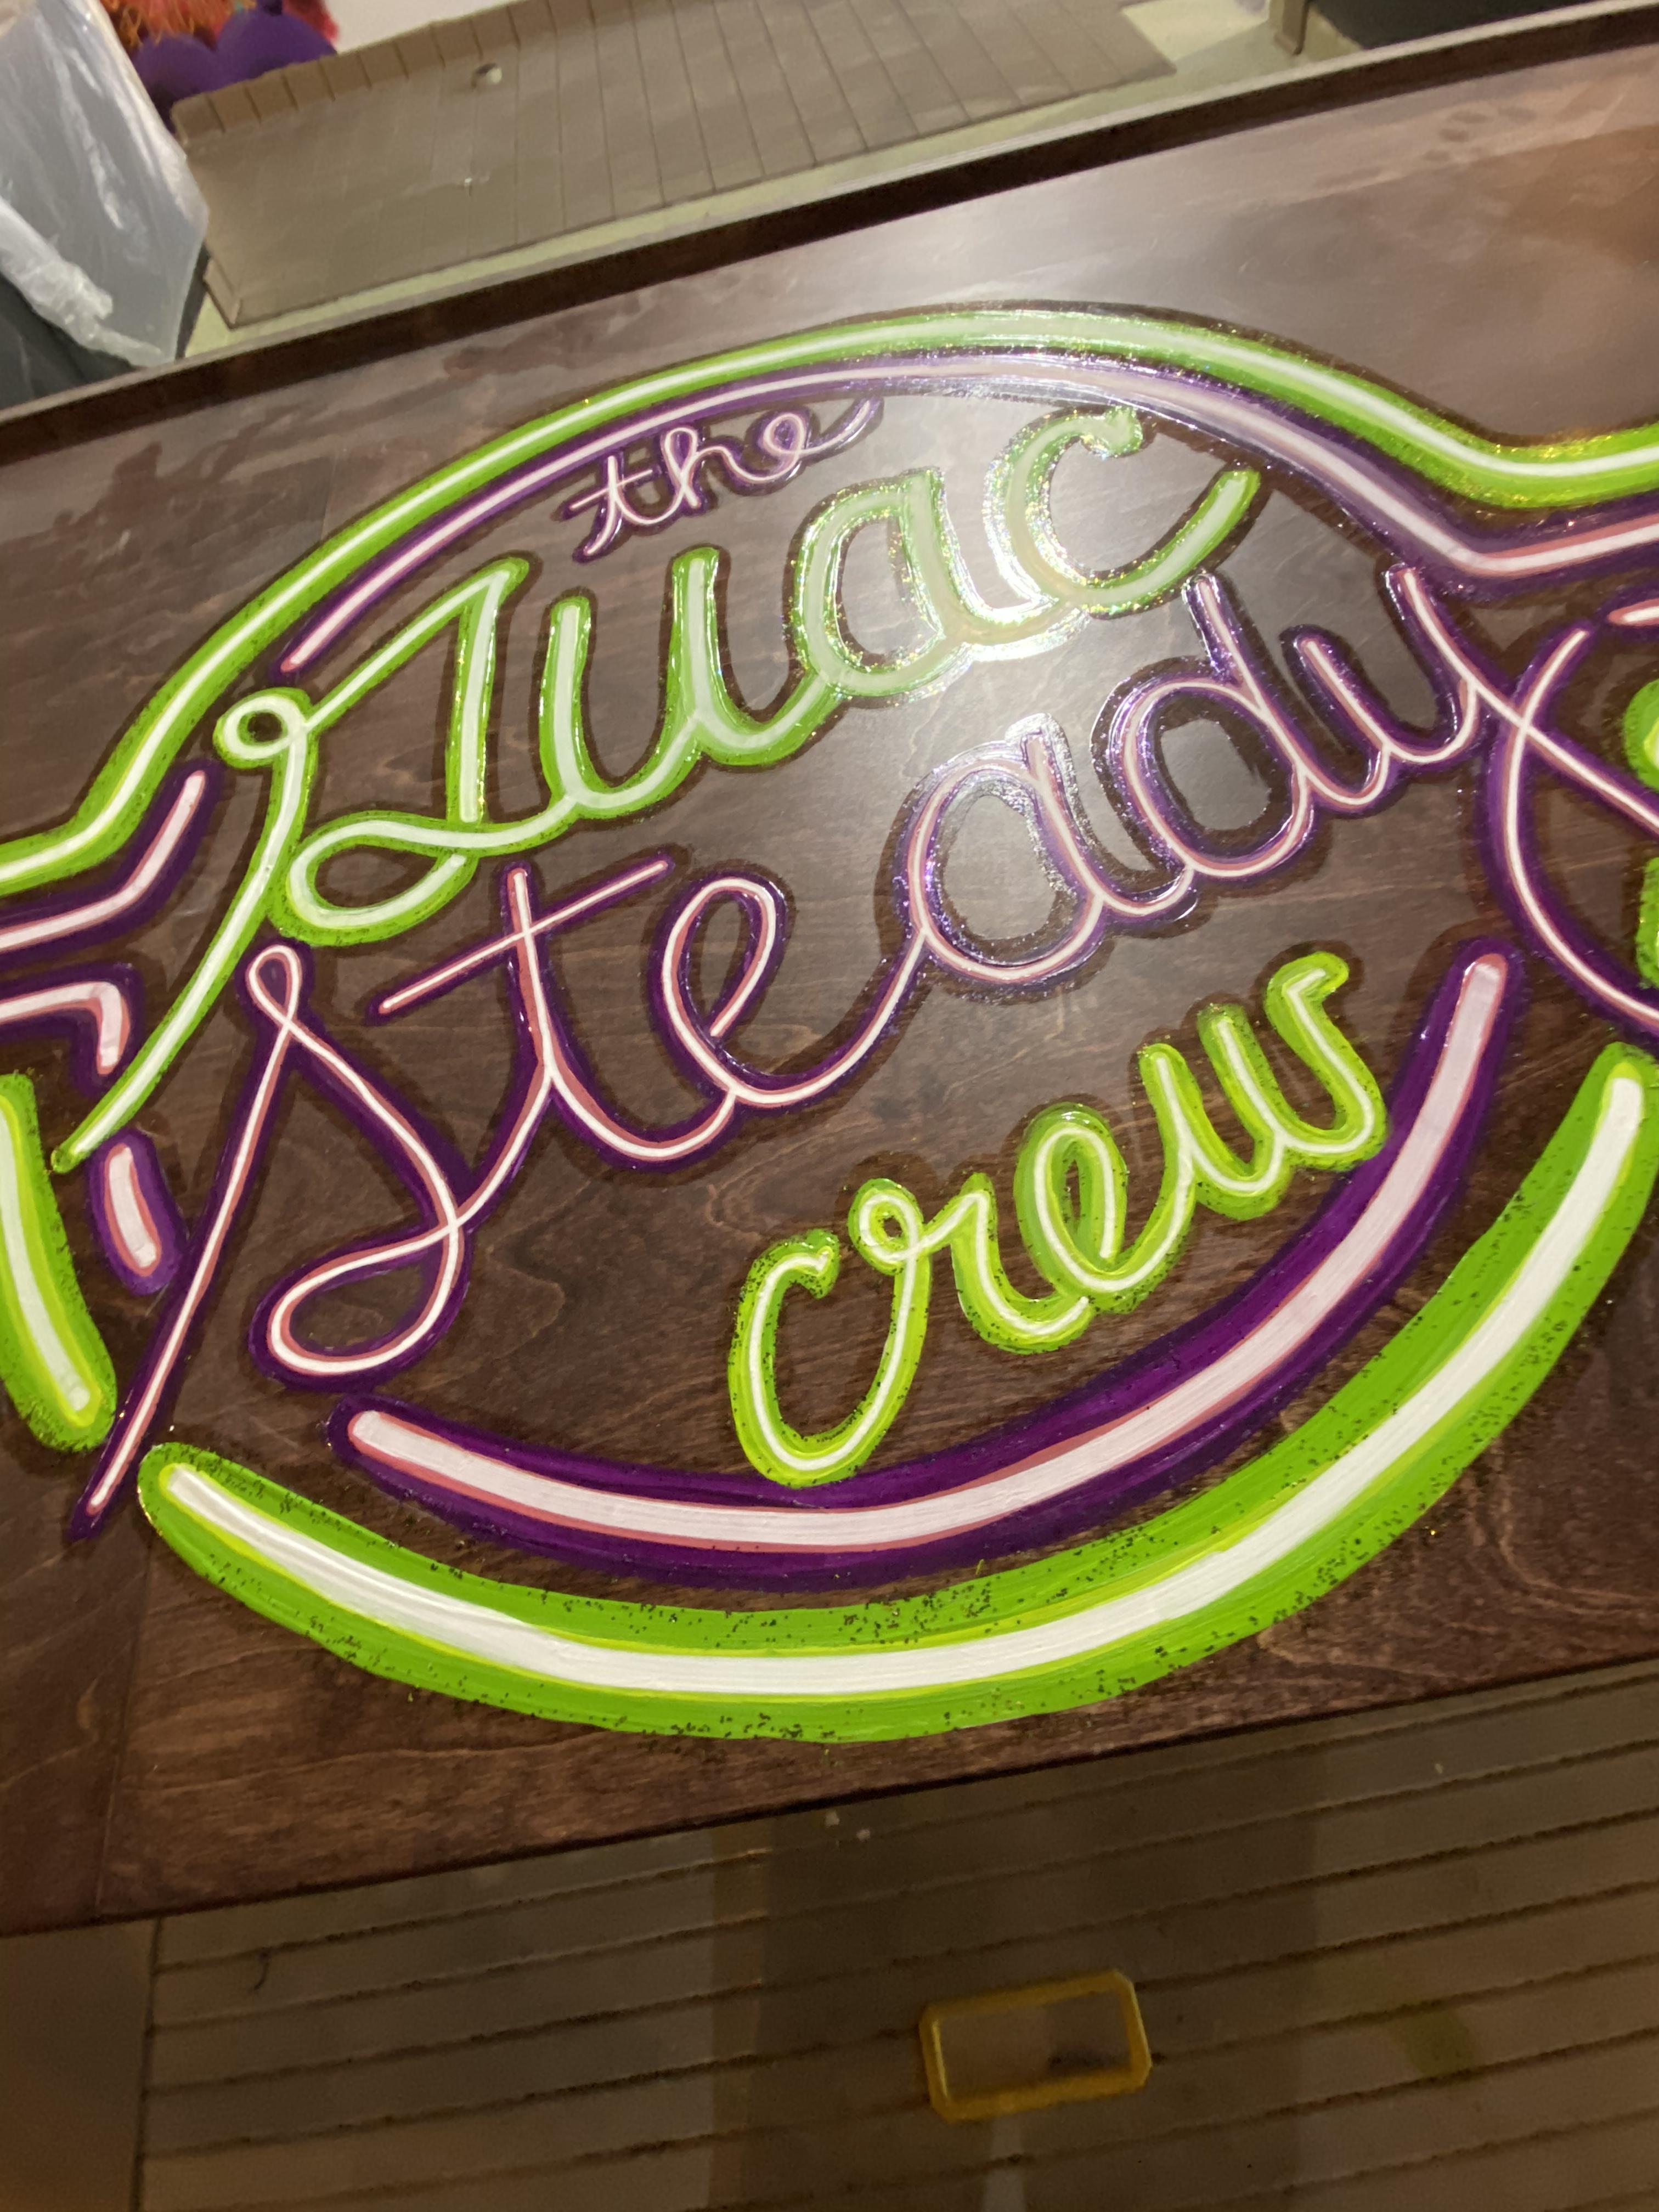 Guac Steady Crew